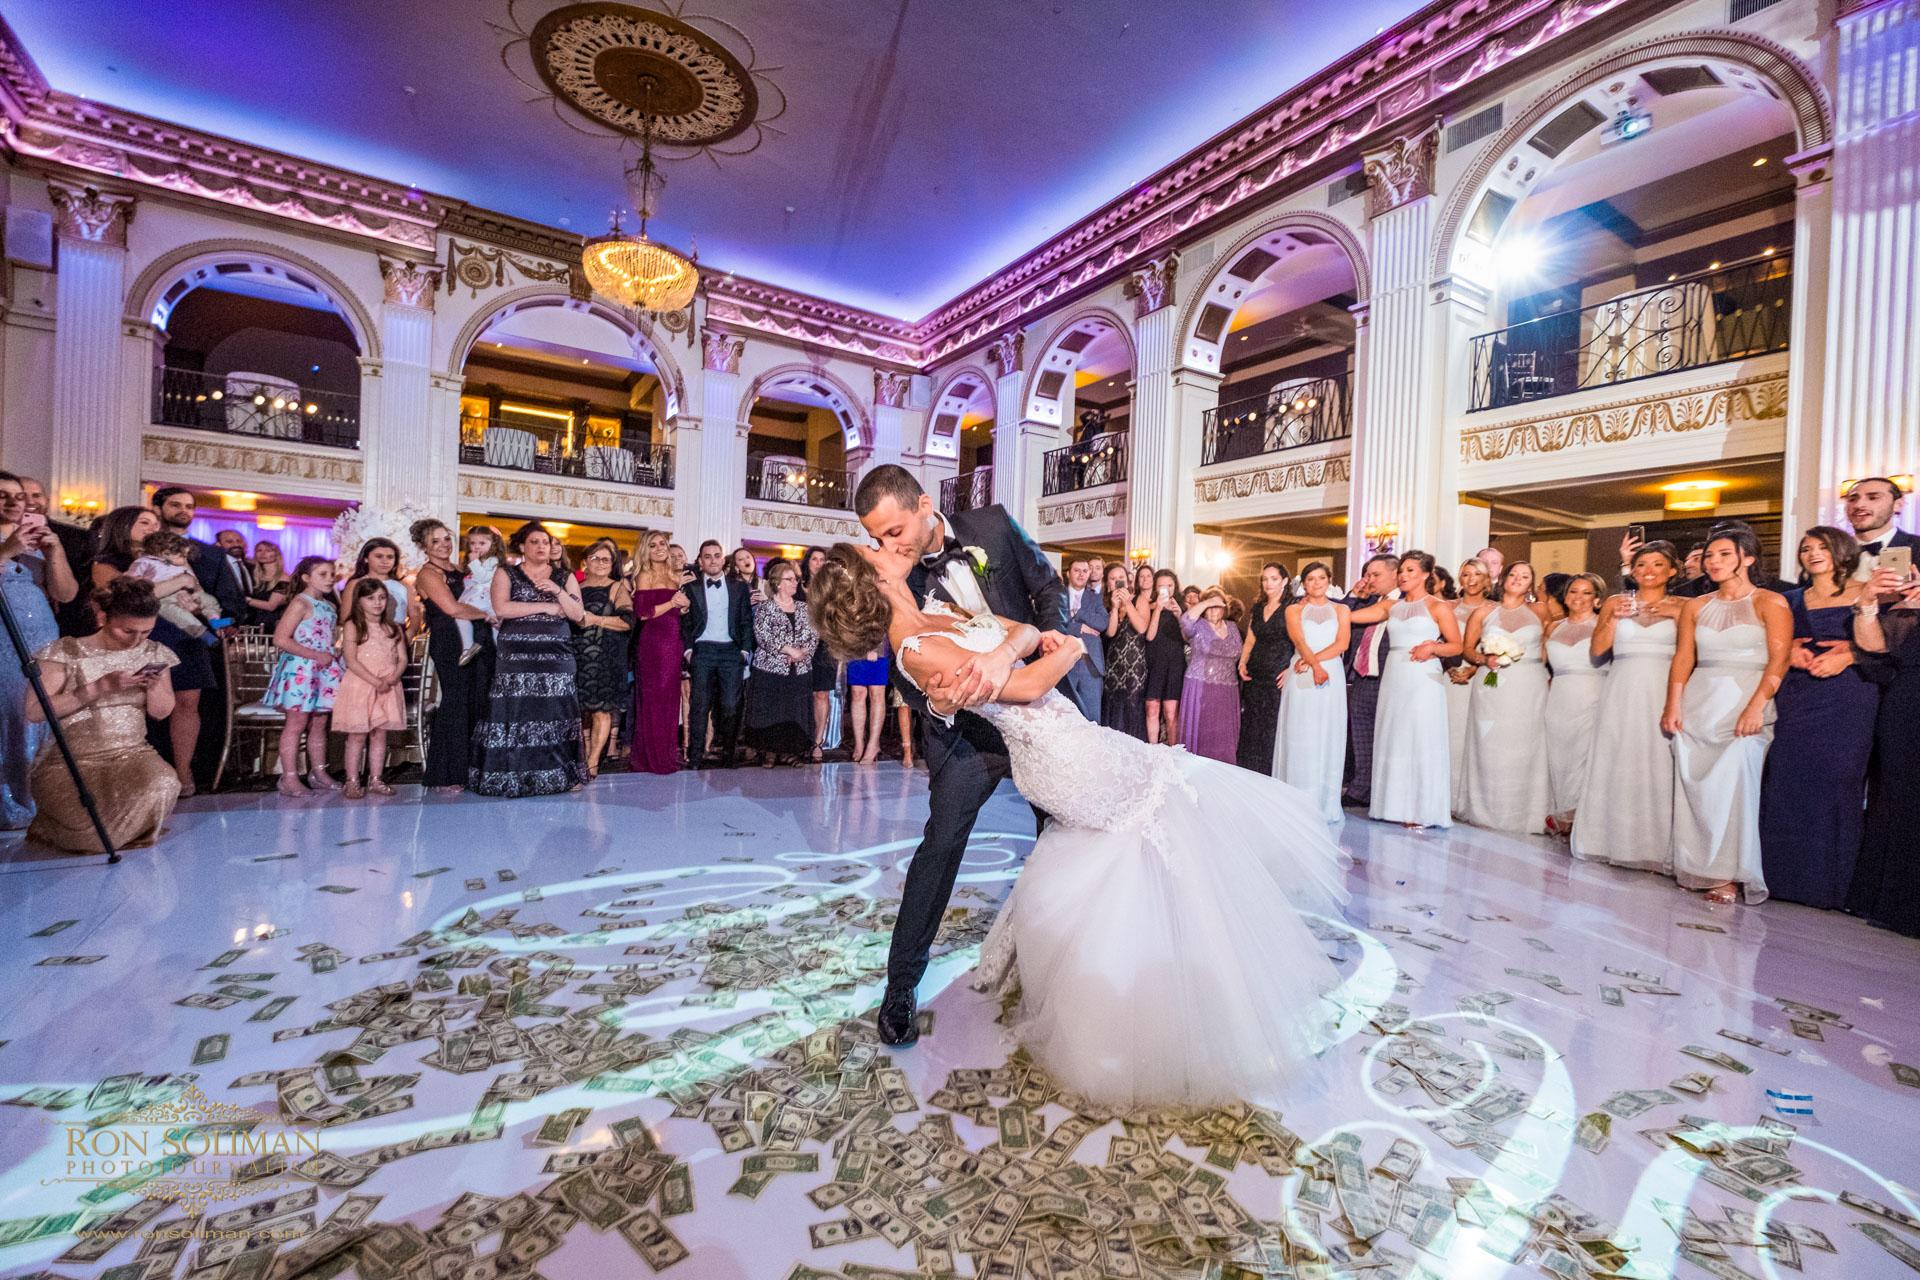 BALLROOM AT THE BEN WEDDING AG 34